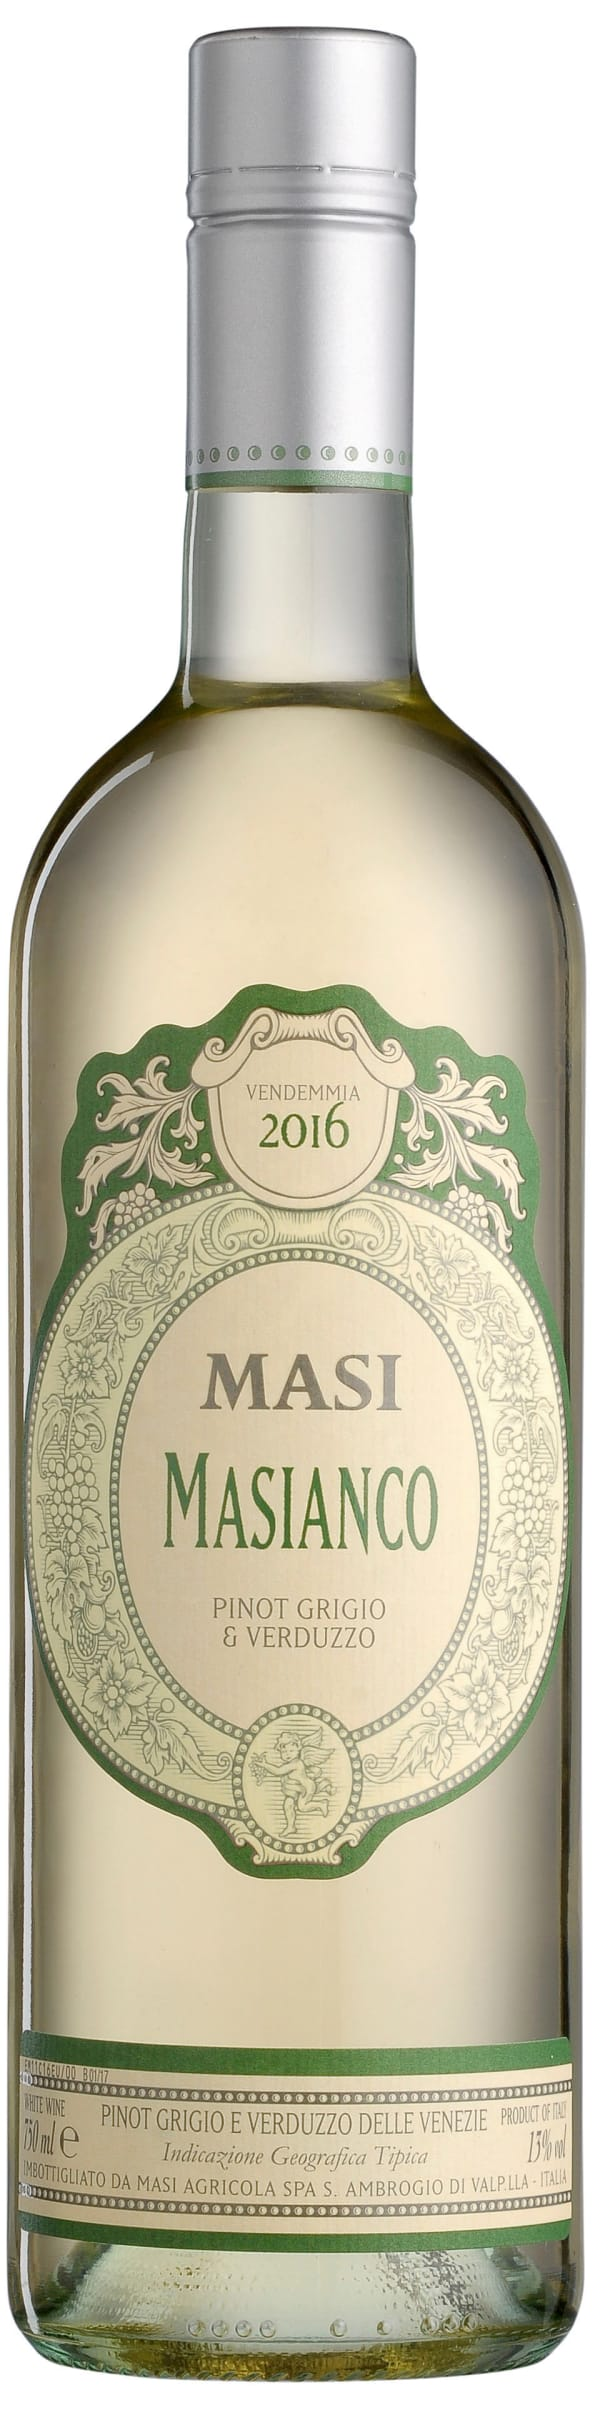 Masi Masianco Pinot Grigio Verduzzo 2017